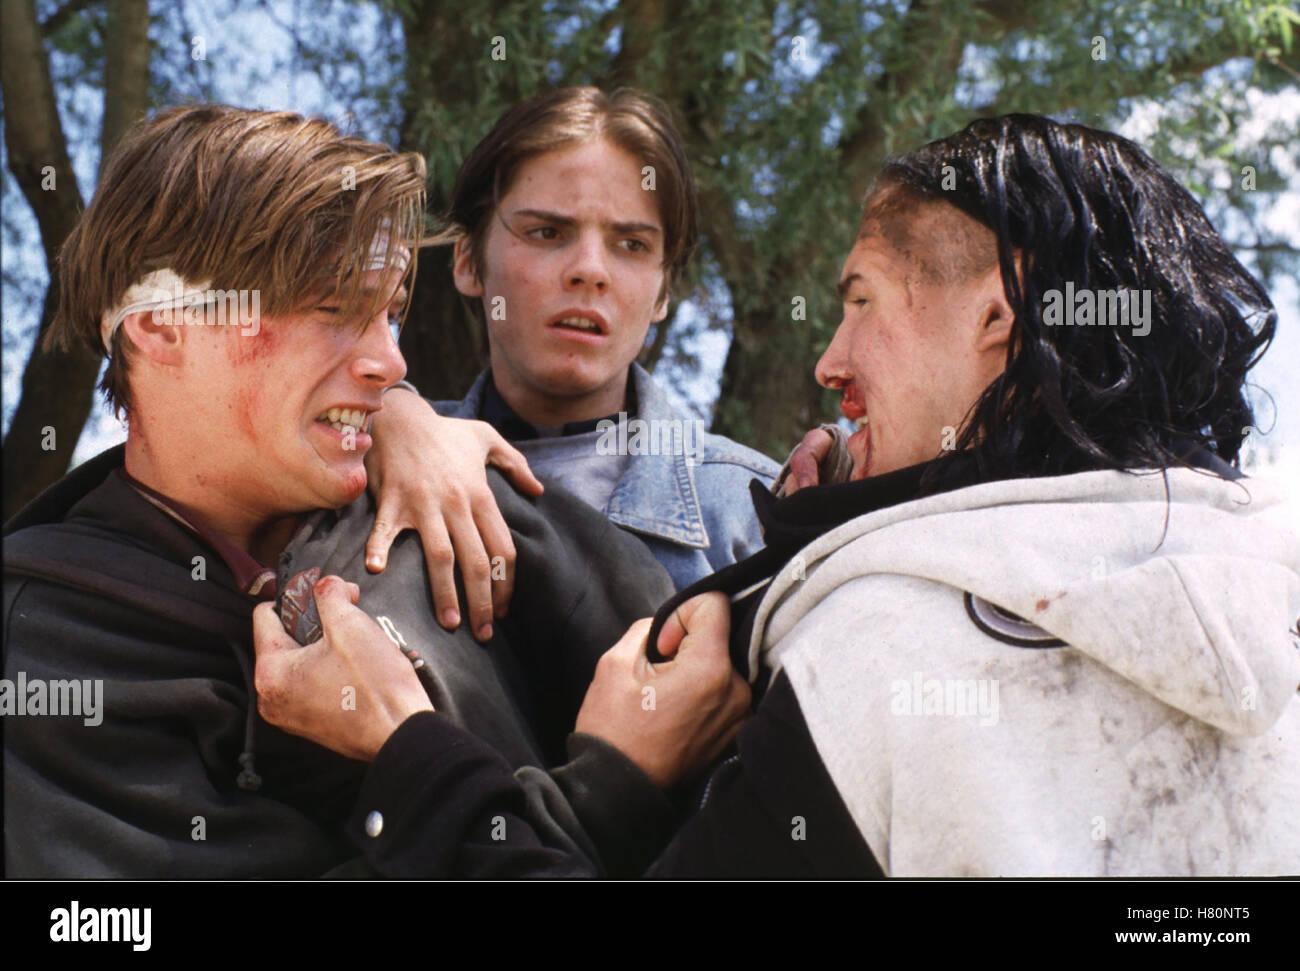 Blutiger Ernst, Kriminalfilm D 1997, Regie : Bernd Böhlich, KEN DUKEN, DANIEL BRÜHL, JULIAN MANUEL, Stichwort: Schlägerei, Stock Photo